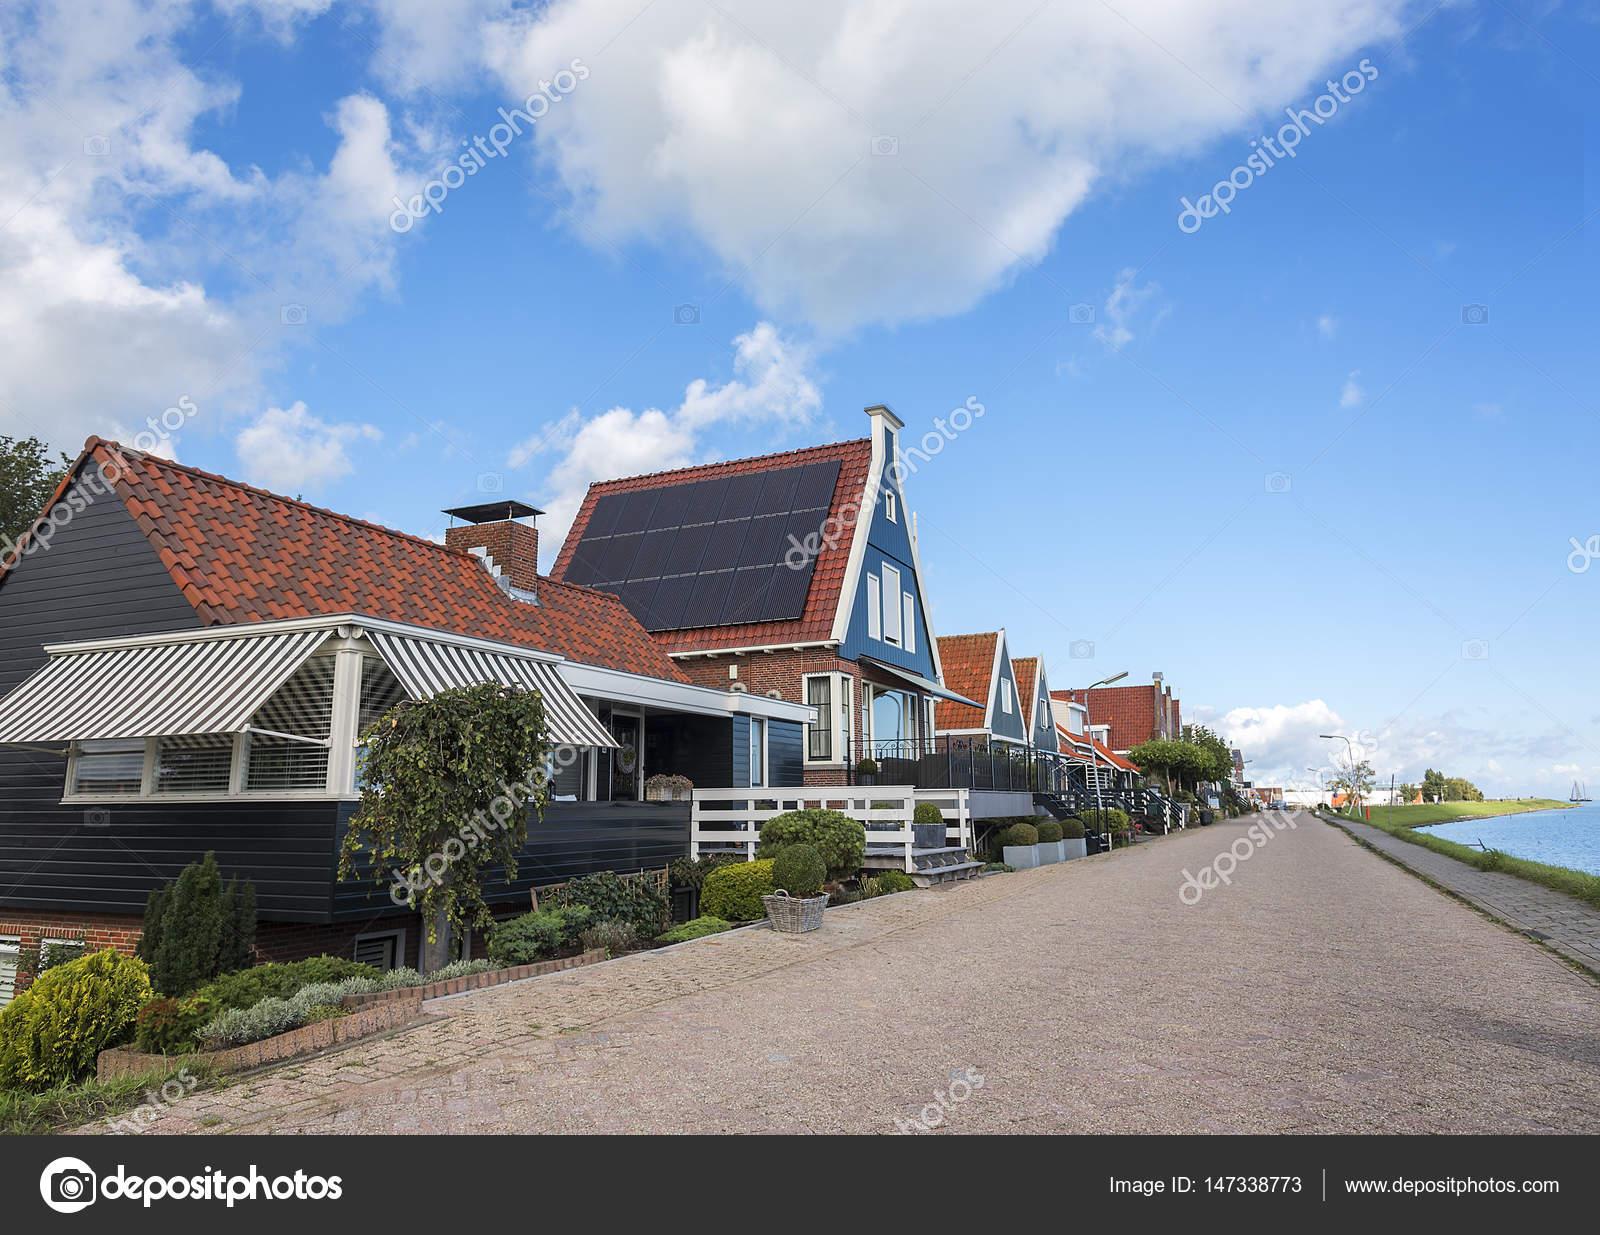 Häuser in den Niederlanden, Europa — Stockfoto © believeinme #147338773